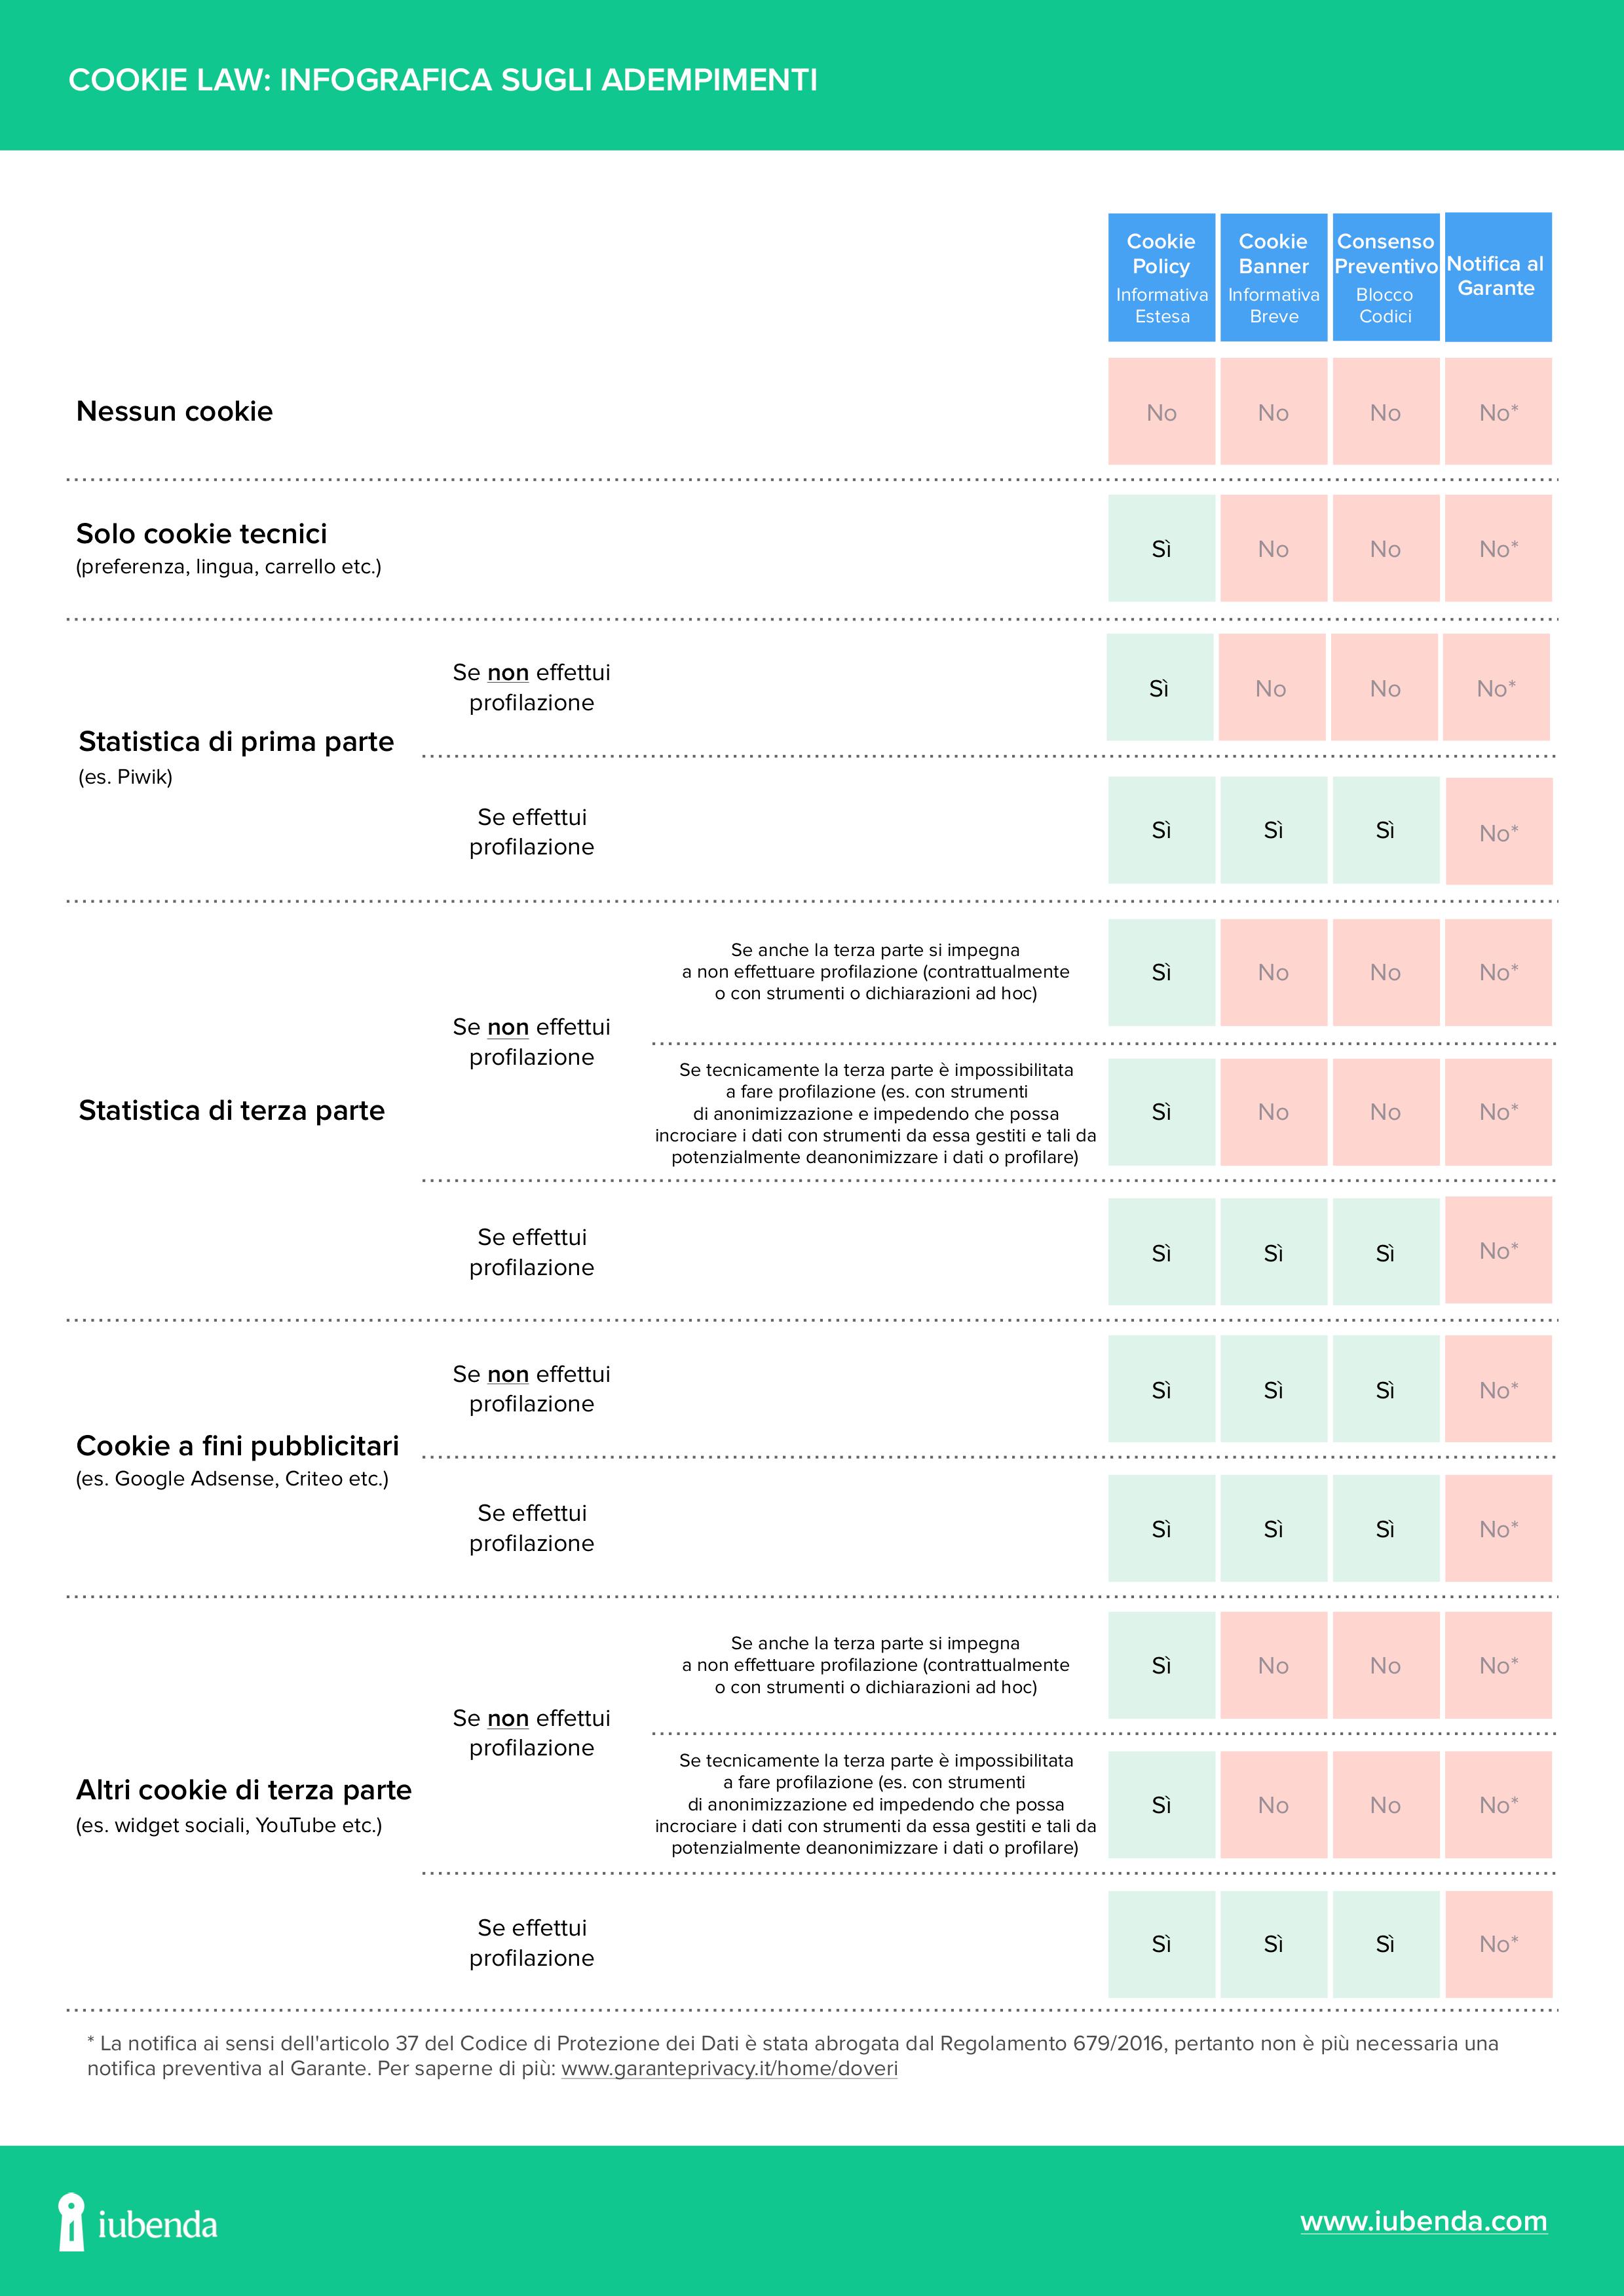 iubenda – Infografica sugli adempimenti richiesti dalla Cookie Law